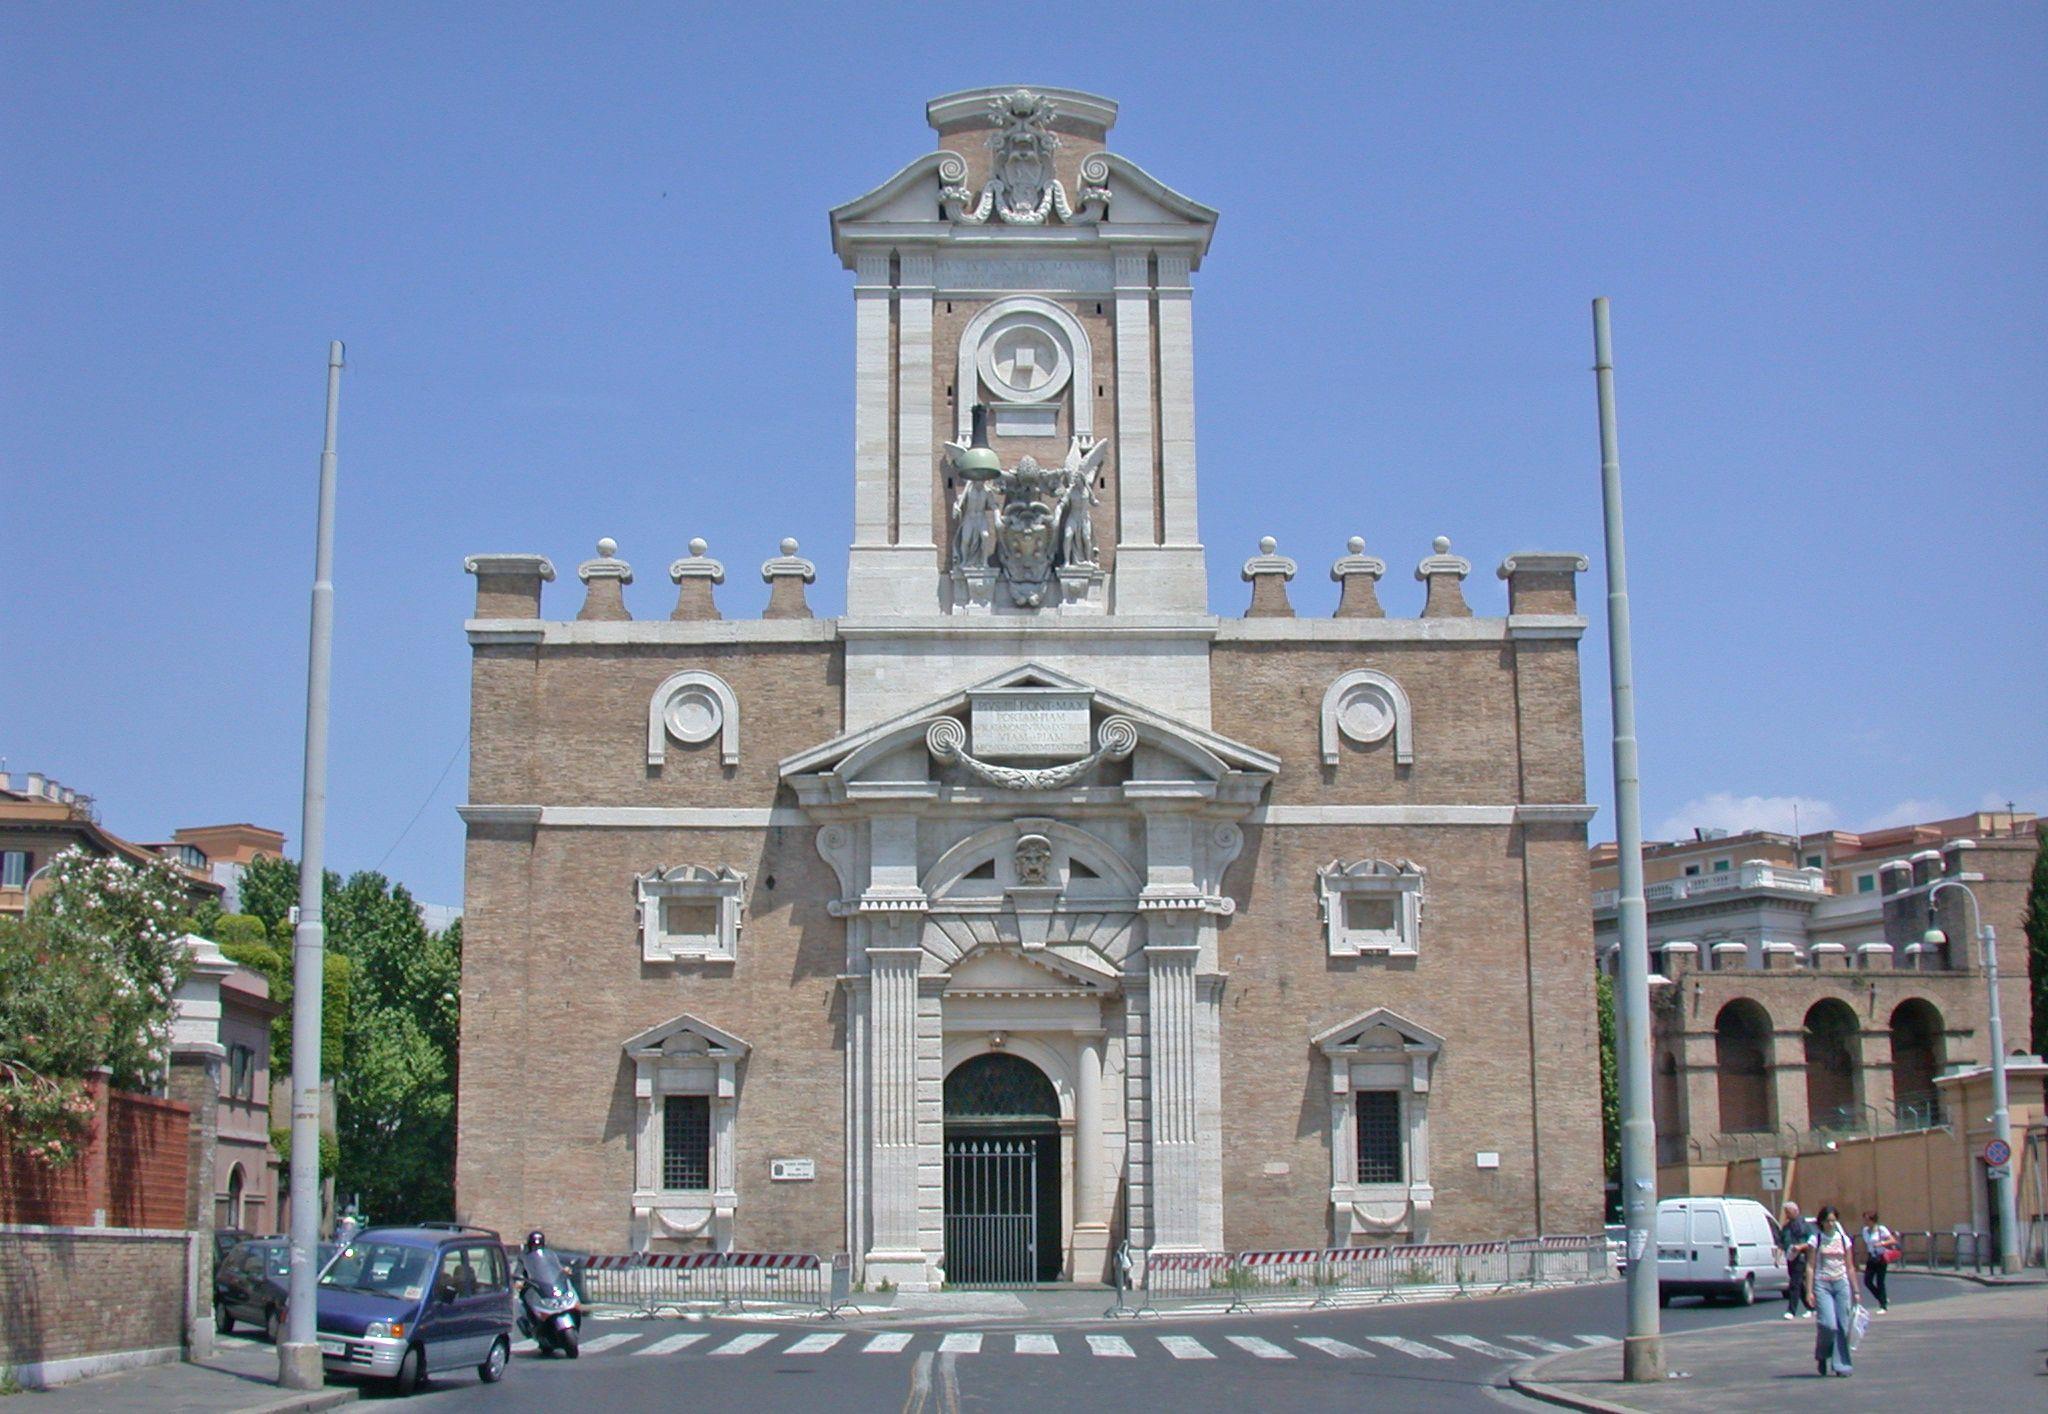 Porta pia rome 1550 built by michelangelo buonarroti - Hotel porta pia roma ...